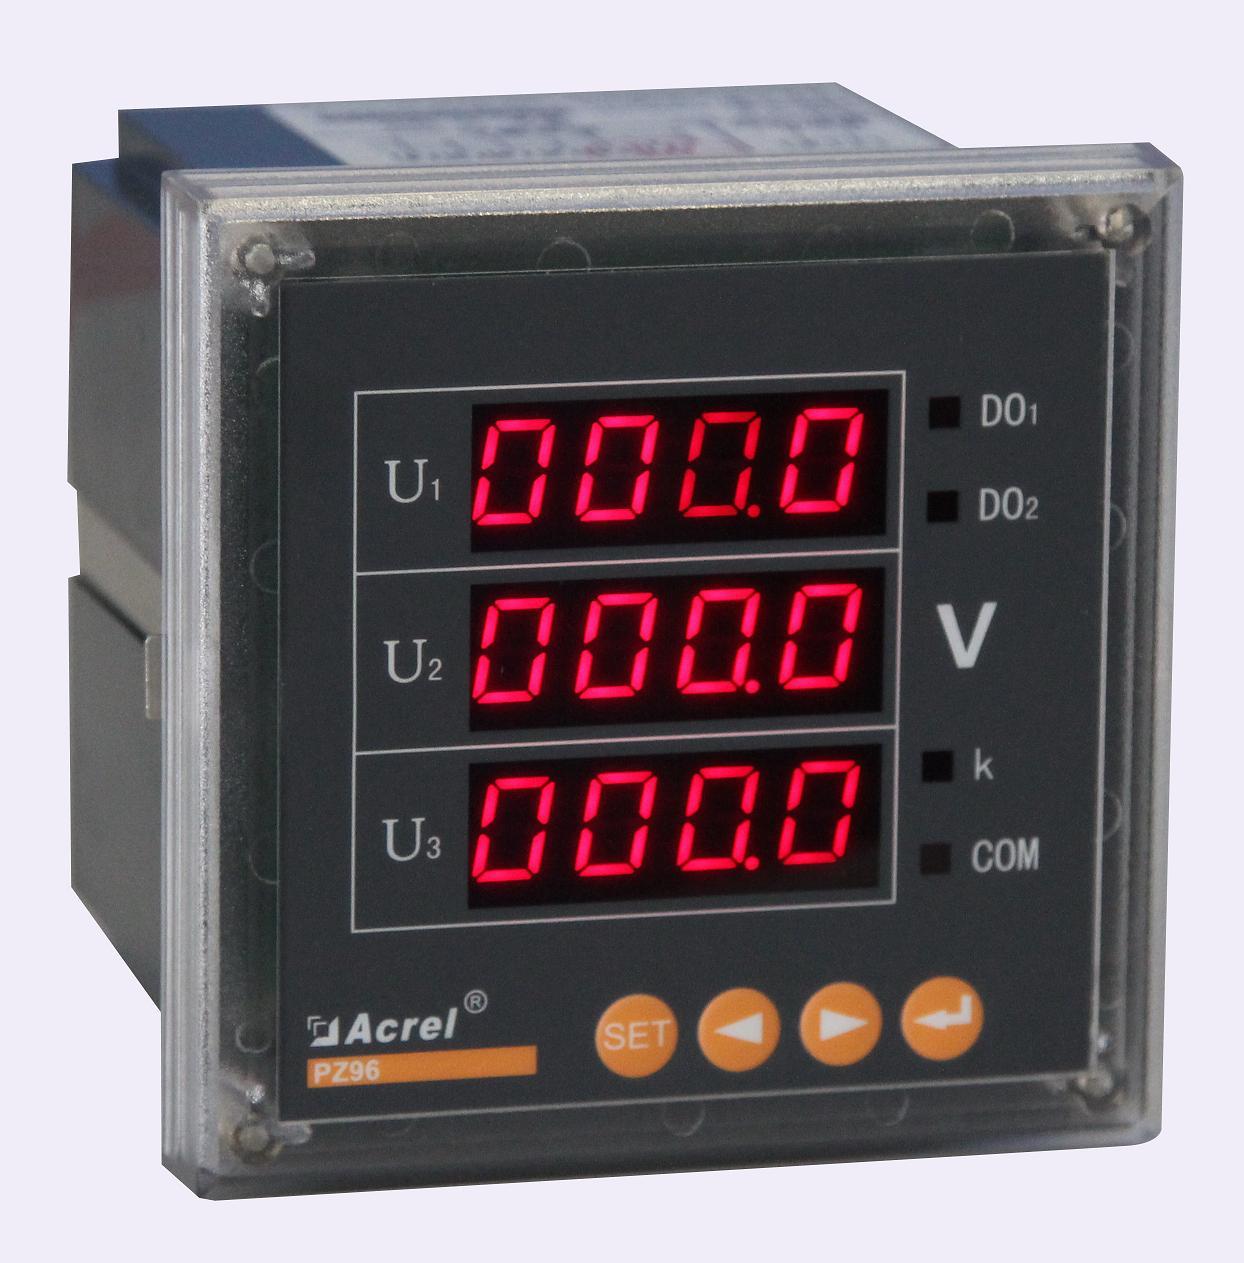 安科瑞厂家PZ72-AV3/KC 三相电压表 数码显示 开关量 RS485通讯